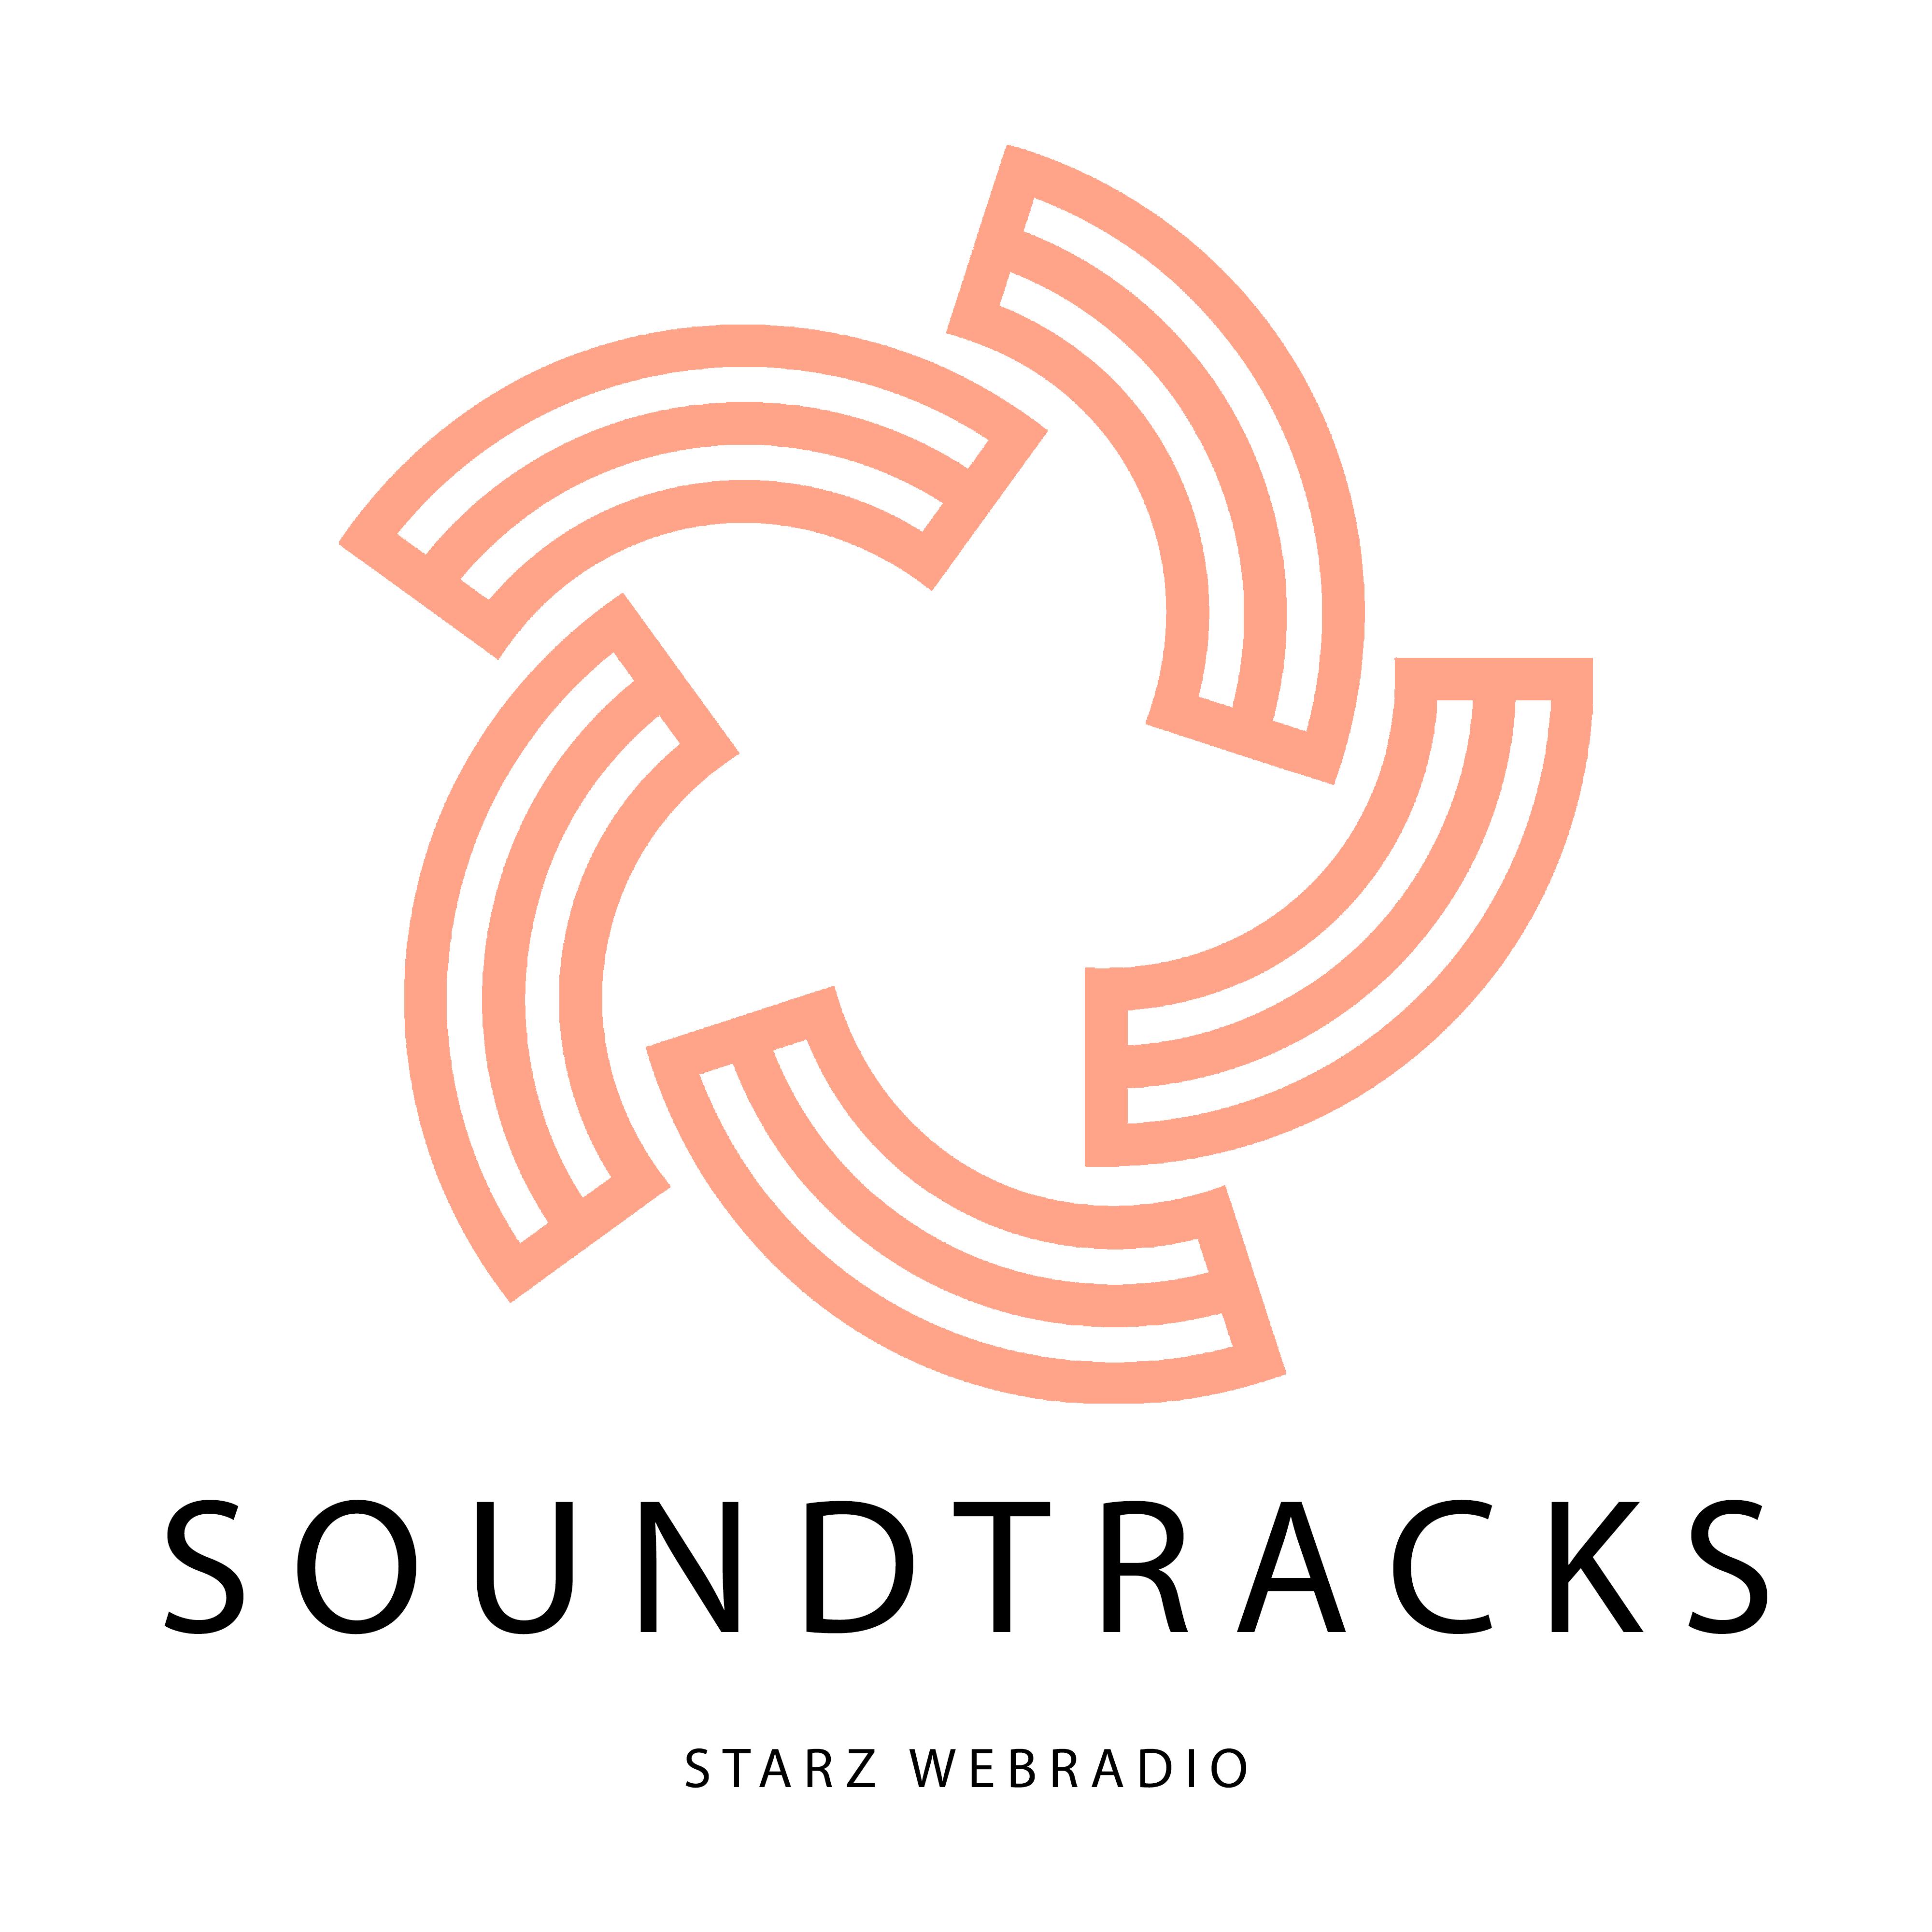 A_A Soundtrack